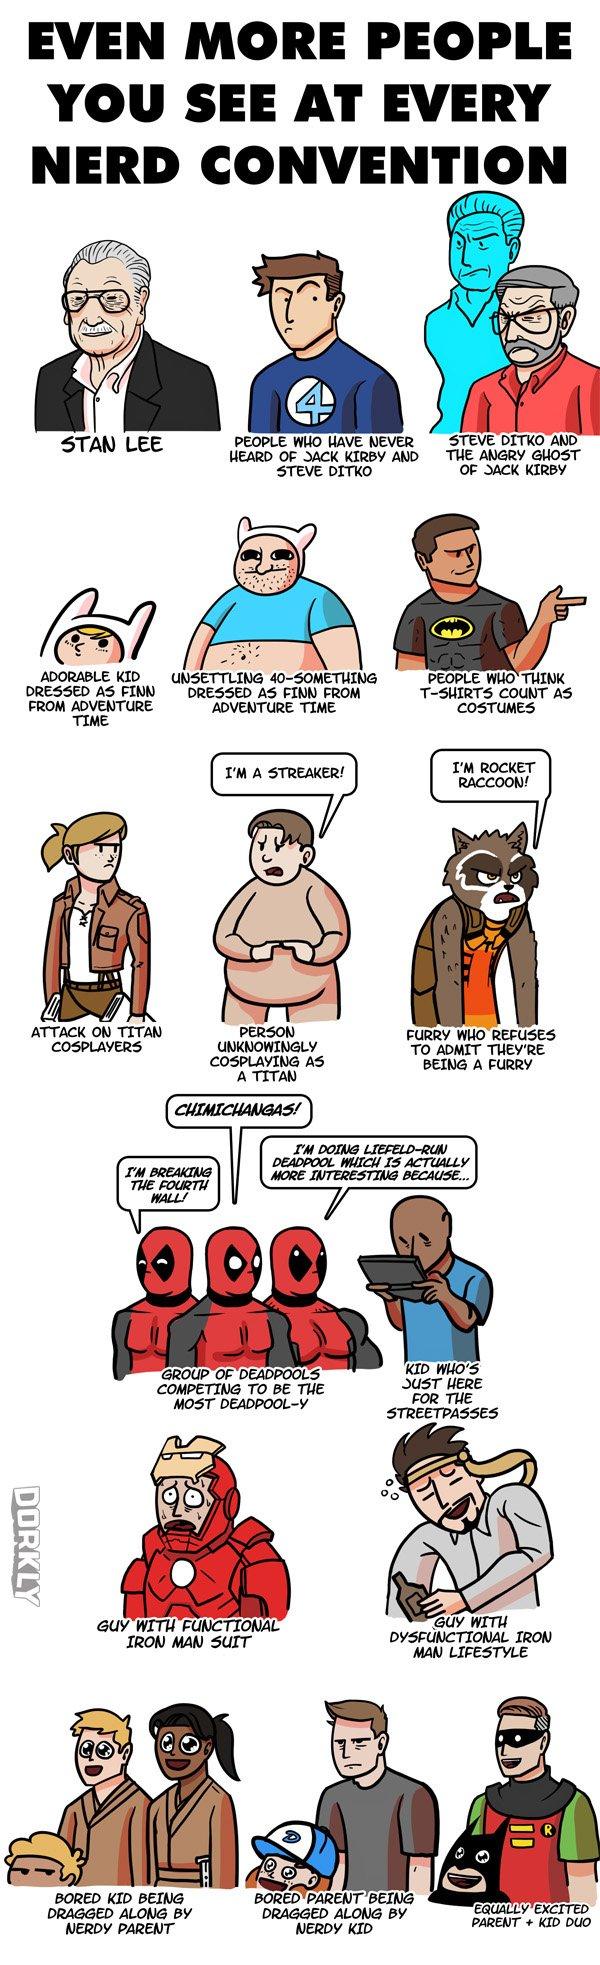 Nerd Convention Dorkly Comic